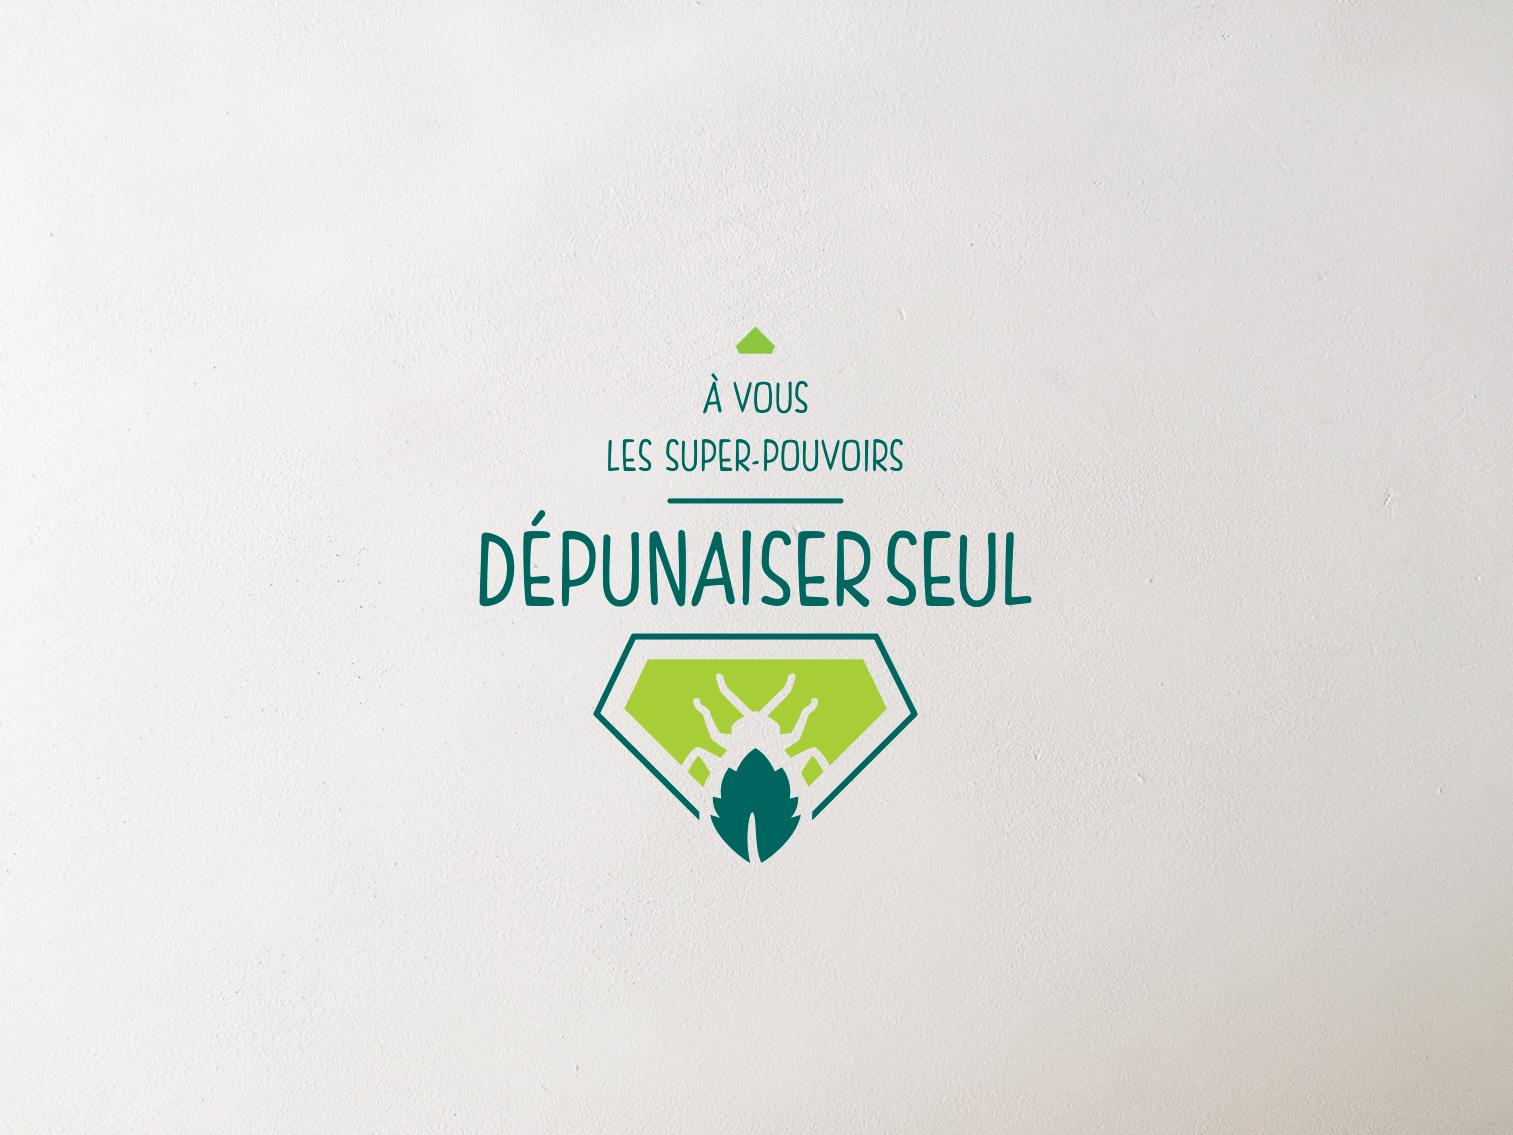 Logo dépunaiser seul